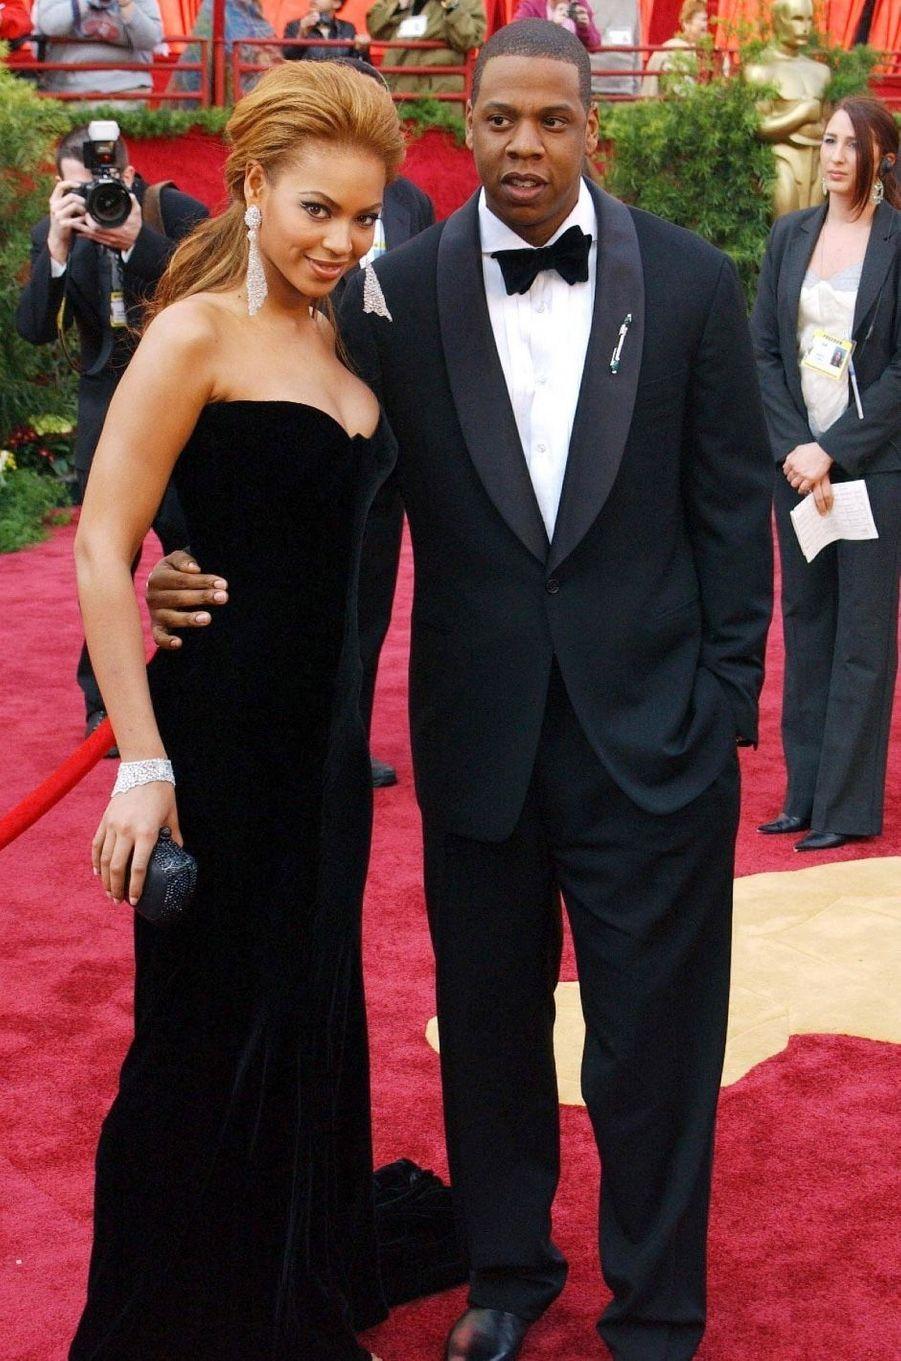 Beyoncé et Jay-Z en 2008. Ils sont en couple depuis 2002 et ont eu trois enfants, Blue Ivy, Rumi et Sir.